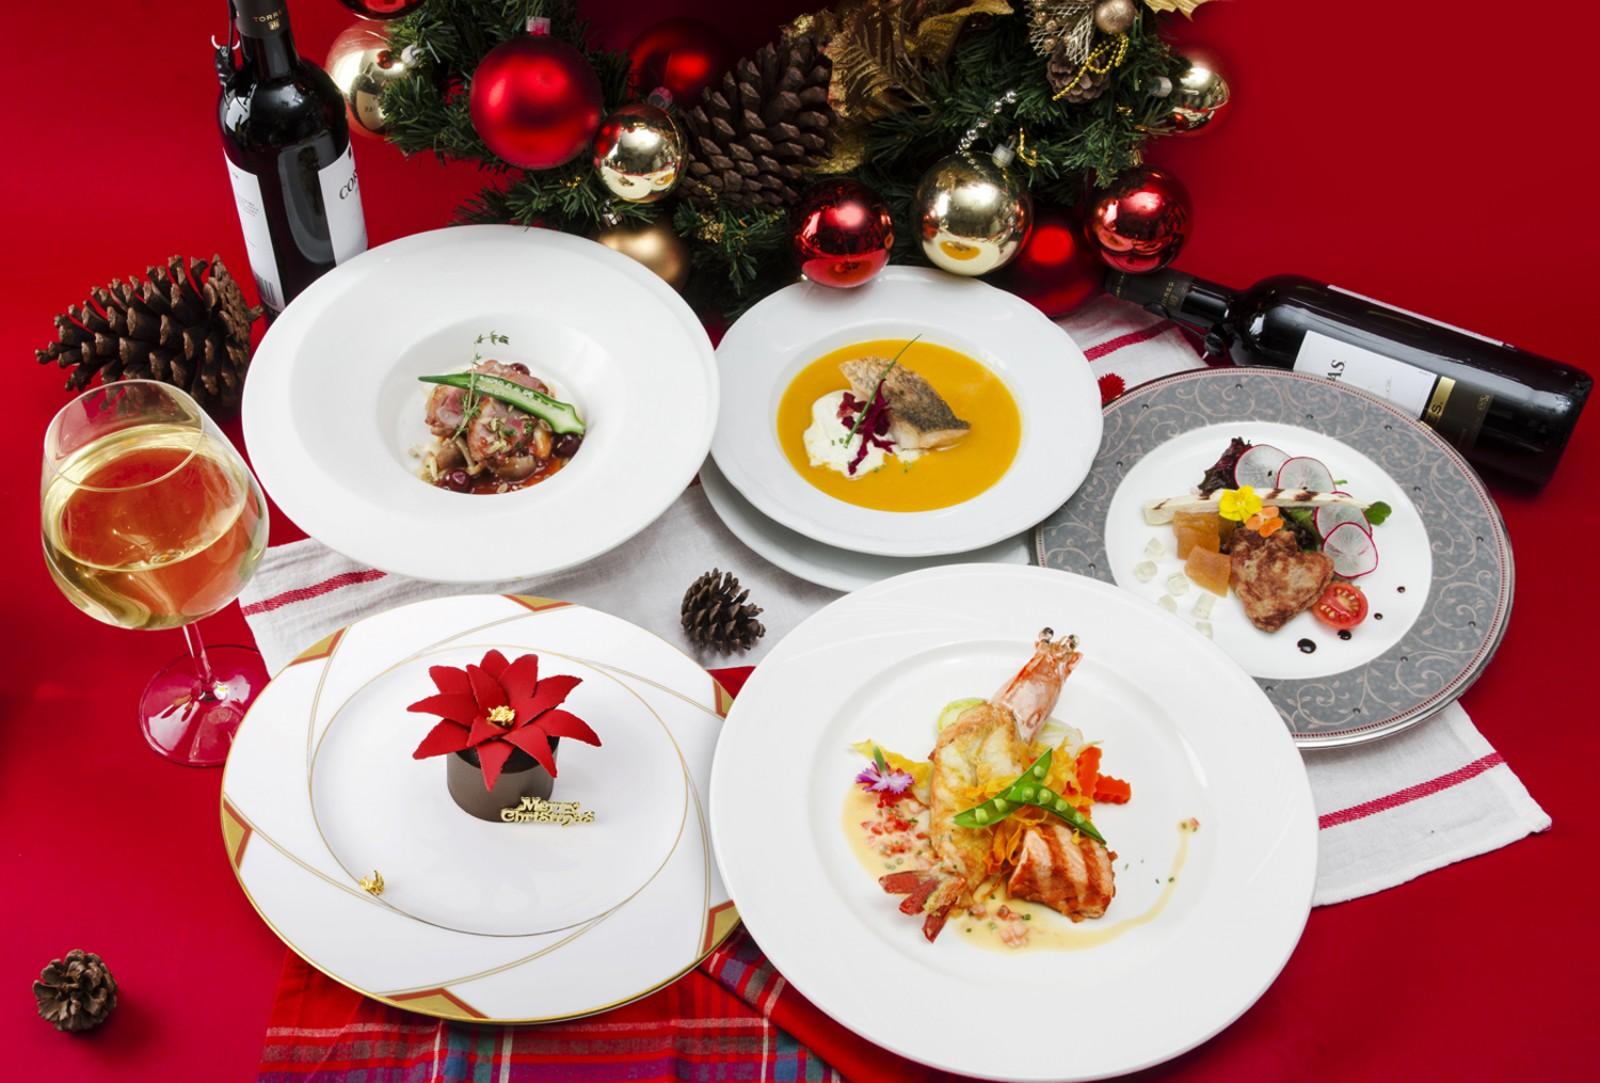 君鴻聖誕瘋派對 金牌主廚推限量藝術甜點加持